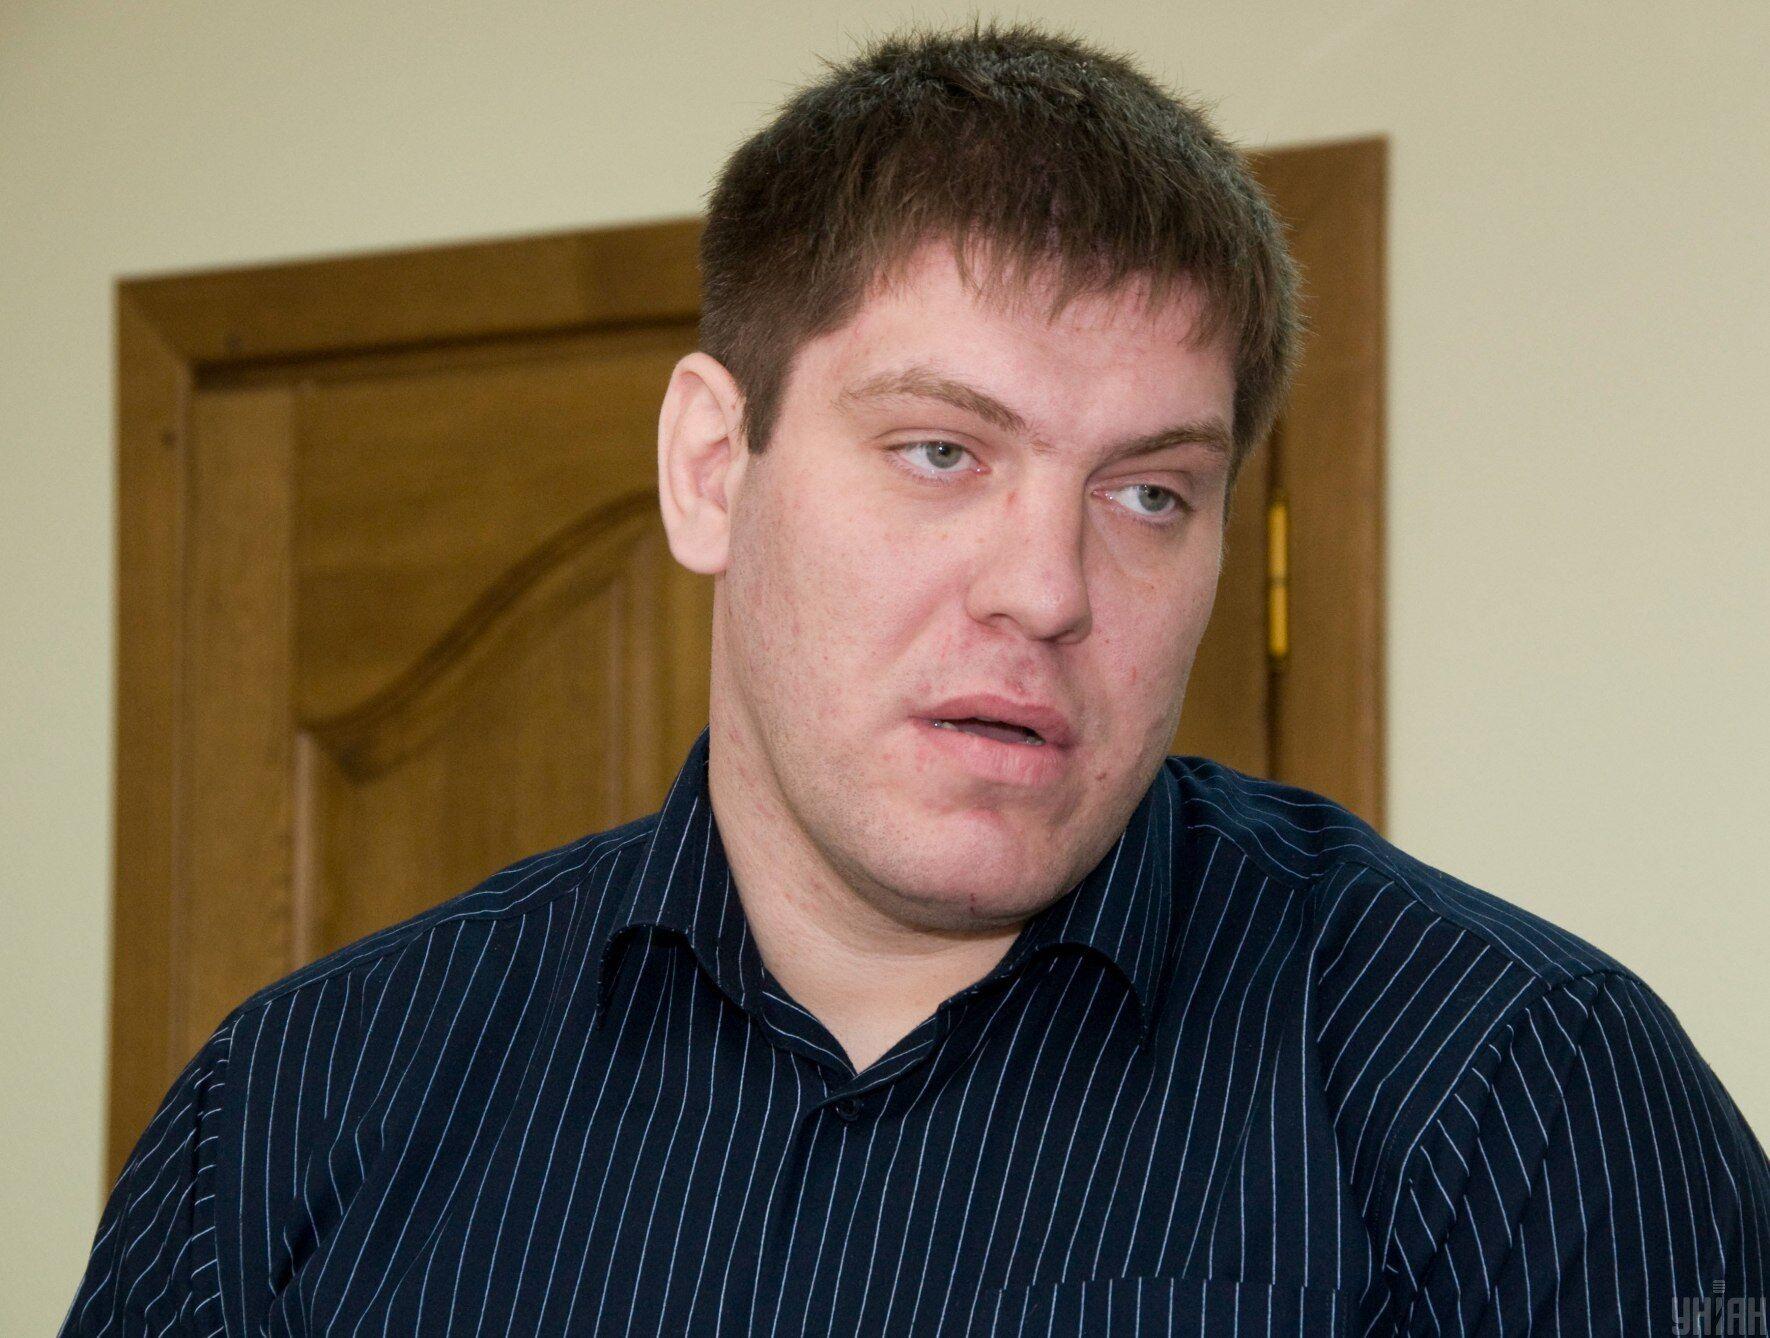 Євген Сотников отримав тюремний термін